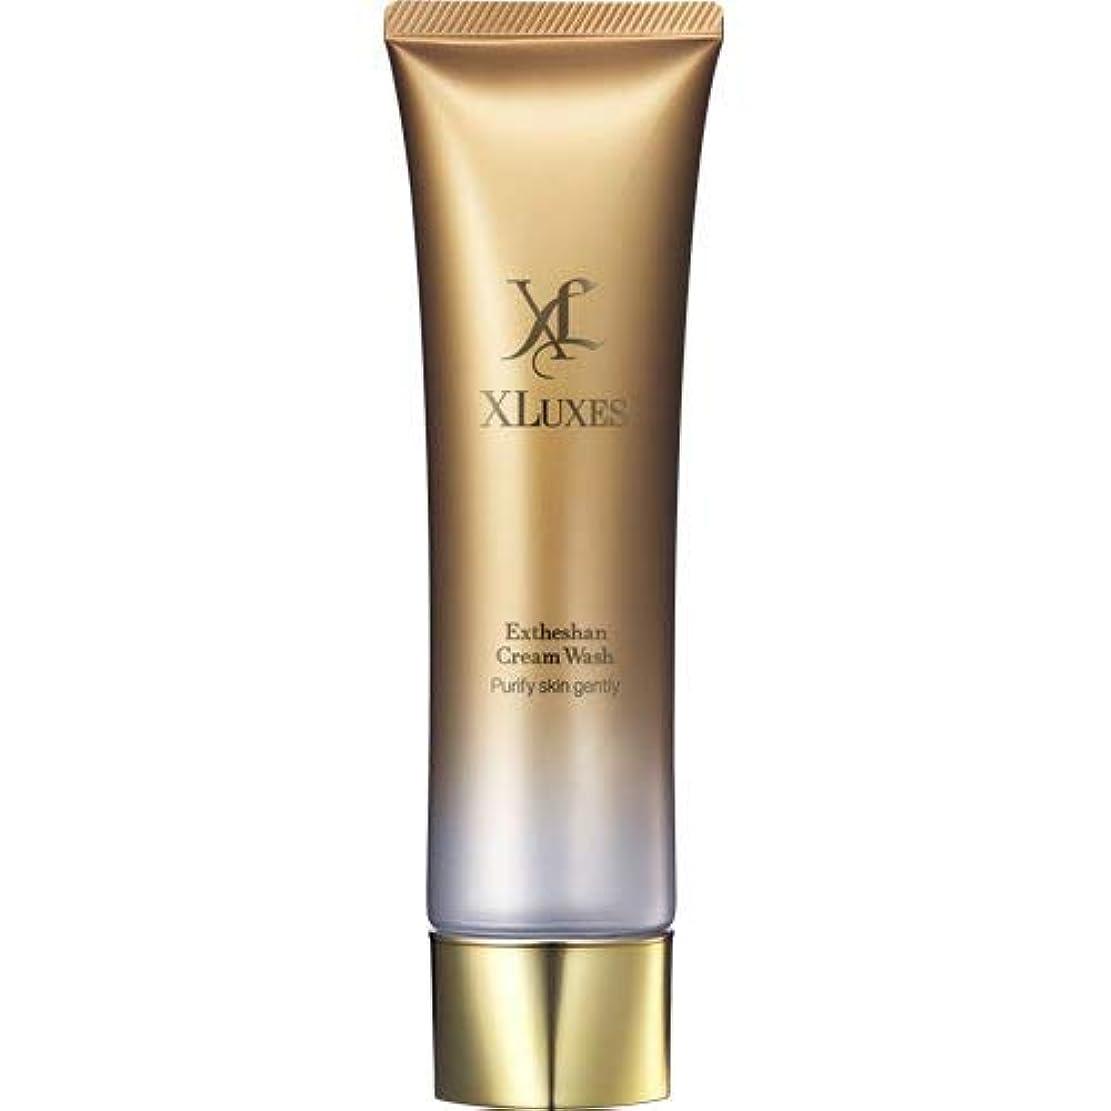 武器奨励生き残りますXLUXES スキンケア洗顔料 ヒト幹細胞培養液配合 エグゼティシャン クリームウォッシュ